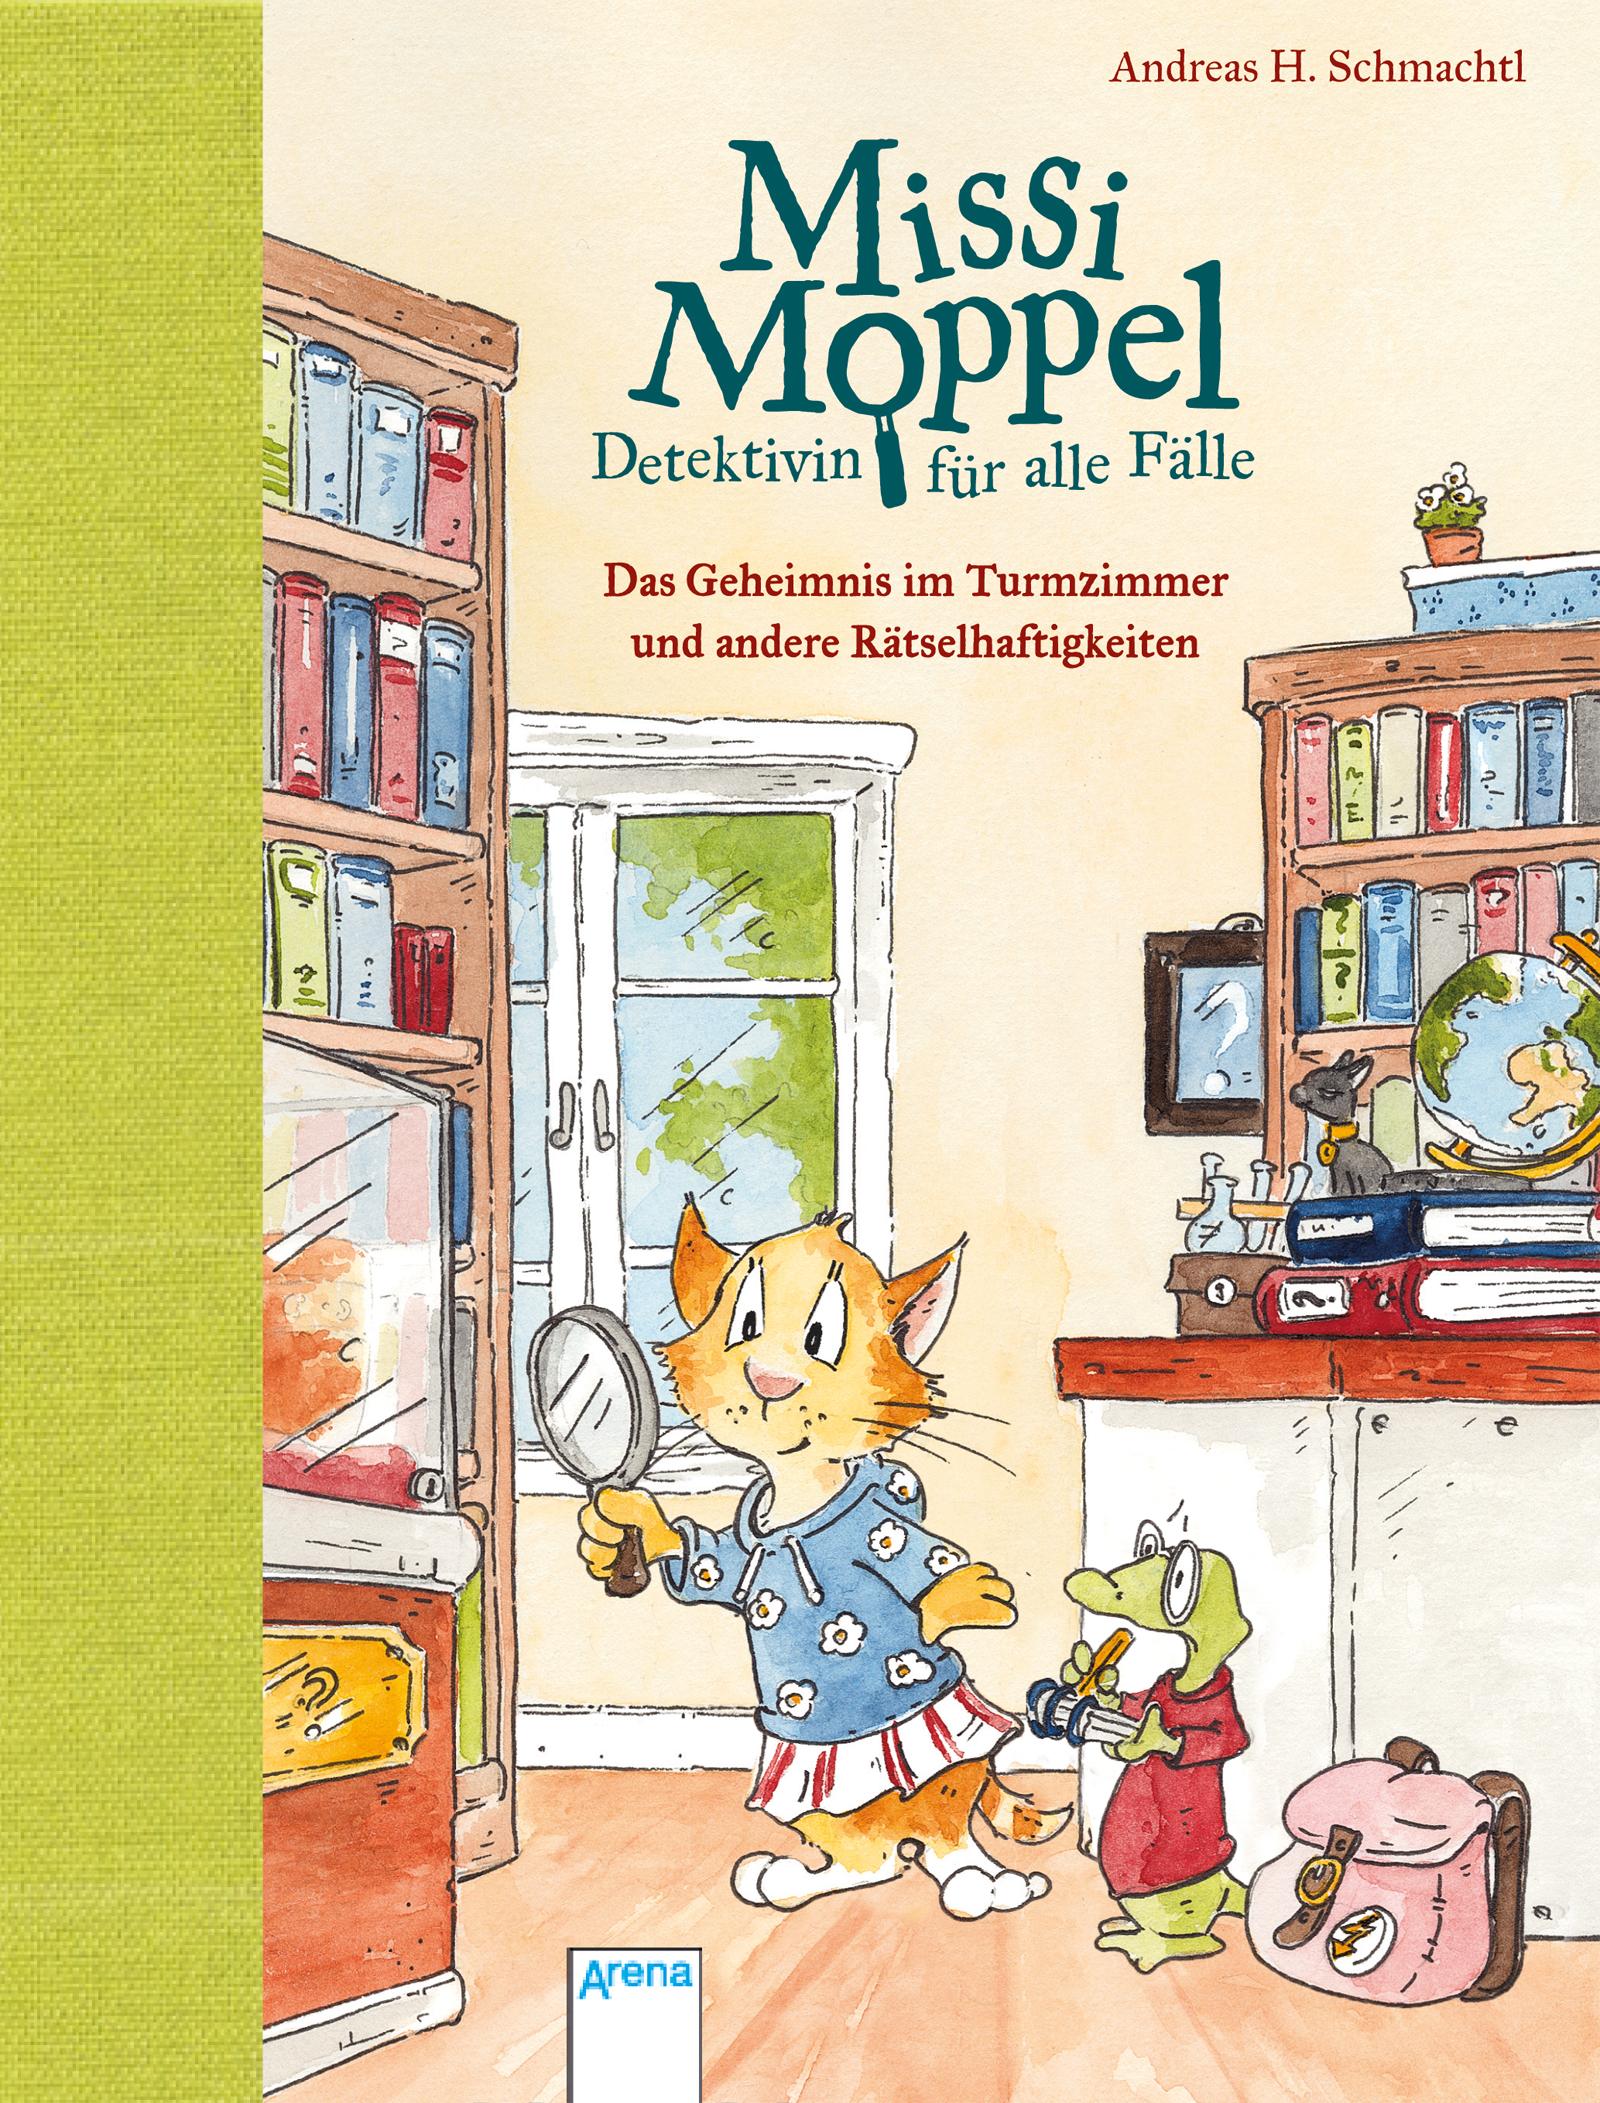 Missi Moppel – Detektivin für alle Fälle